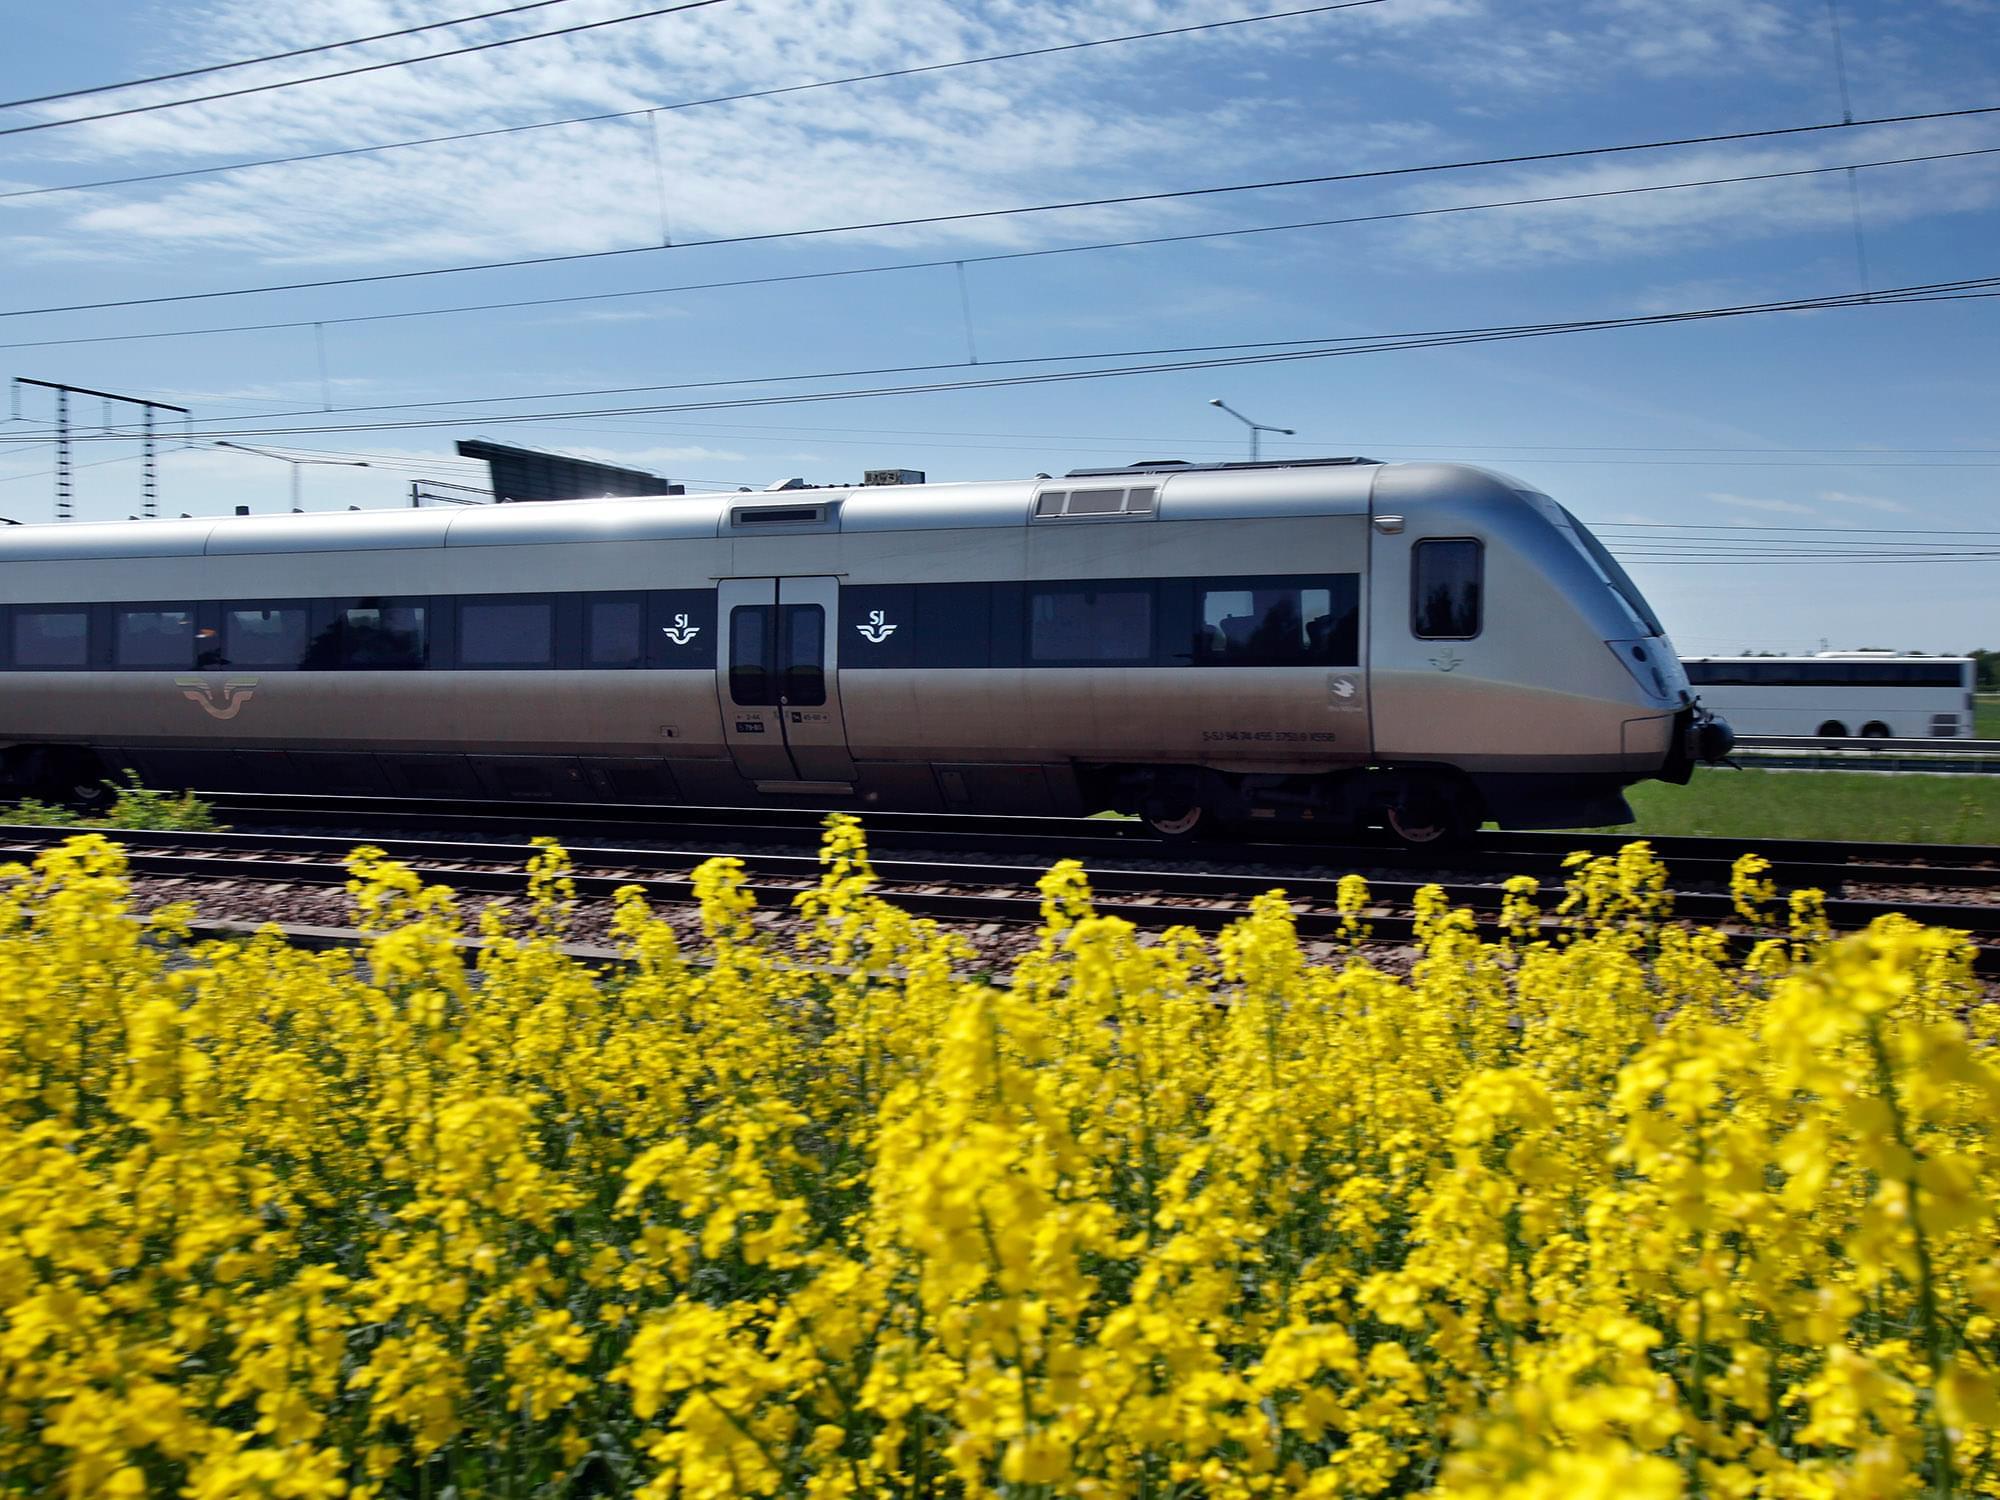 tåg kör genom landskap med rapsfält i förgrunden